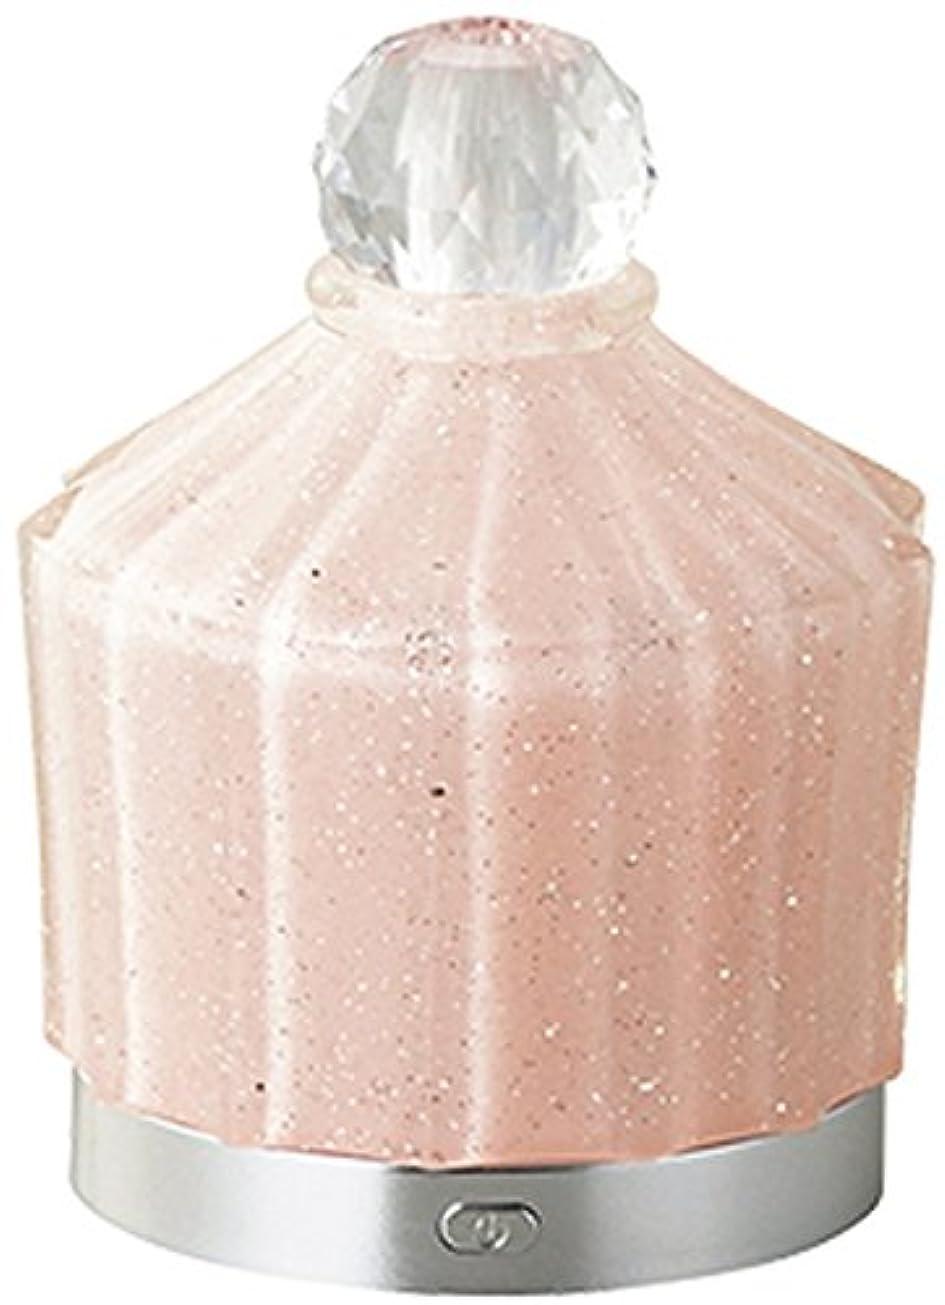 バルク流すオセアニアラドンナ アロマディフューザー エタニティミニリミテッド ADF16-JWM ピンク ADF16-JWM-PK